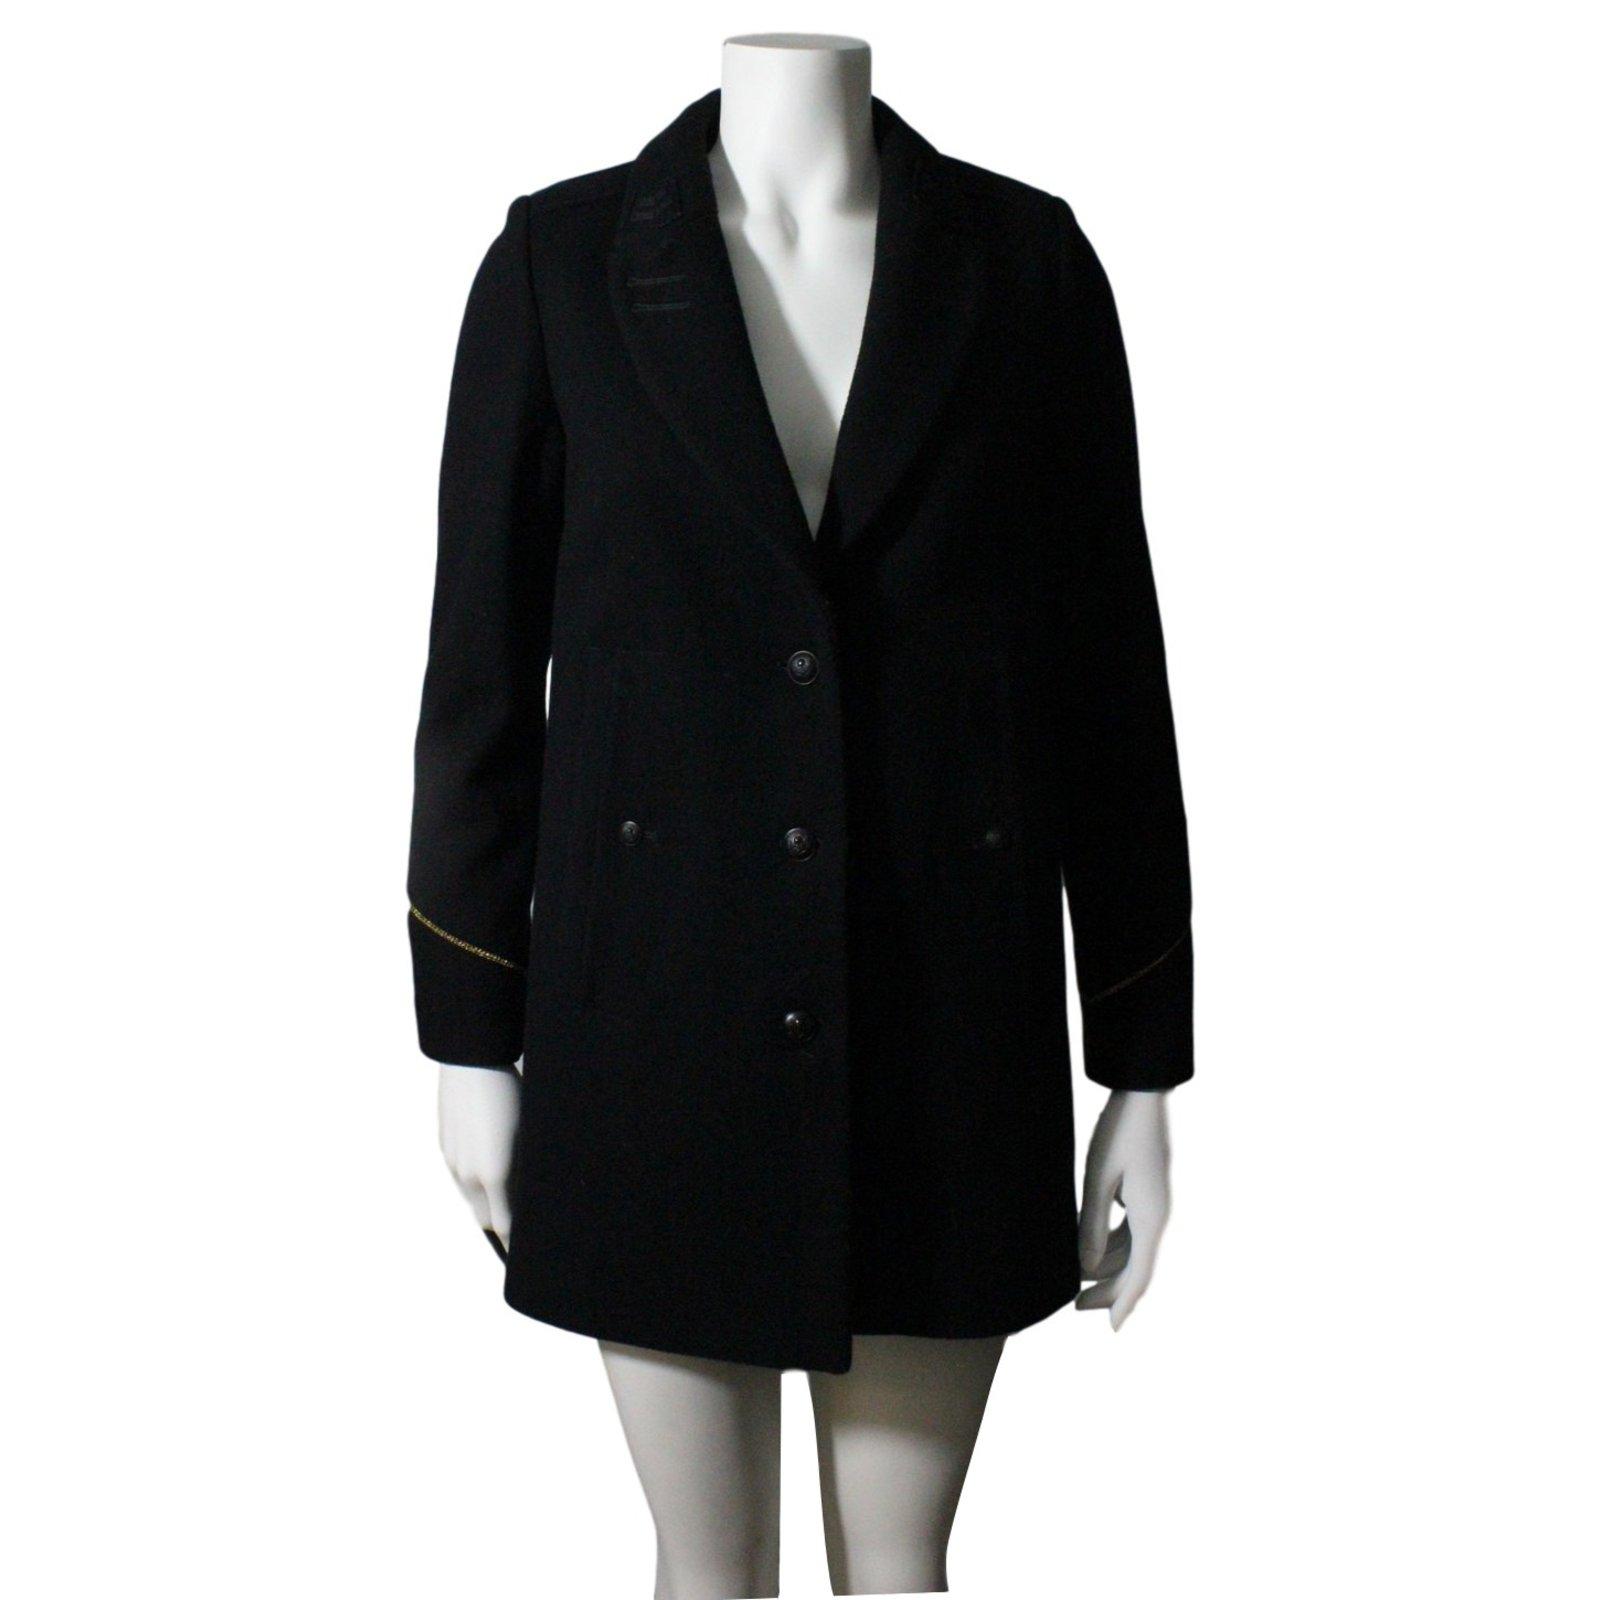 manteaux the kooples manteau style militaire laine noir. Black Bedroom Furniture Sets. Home Design Ideas